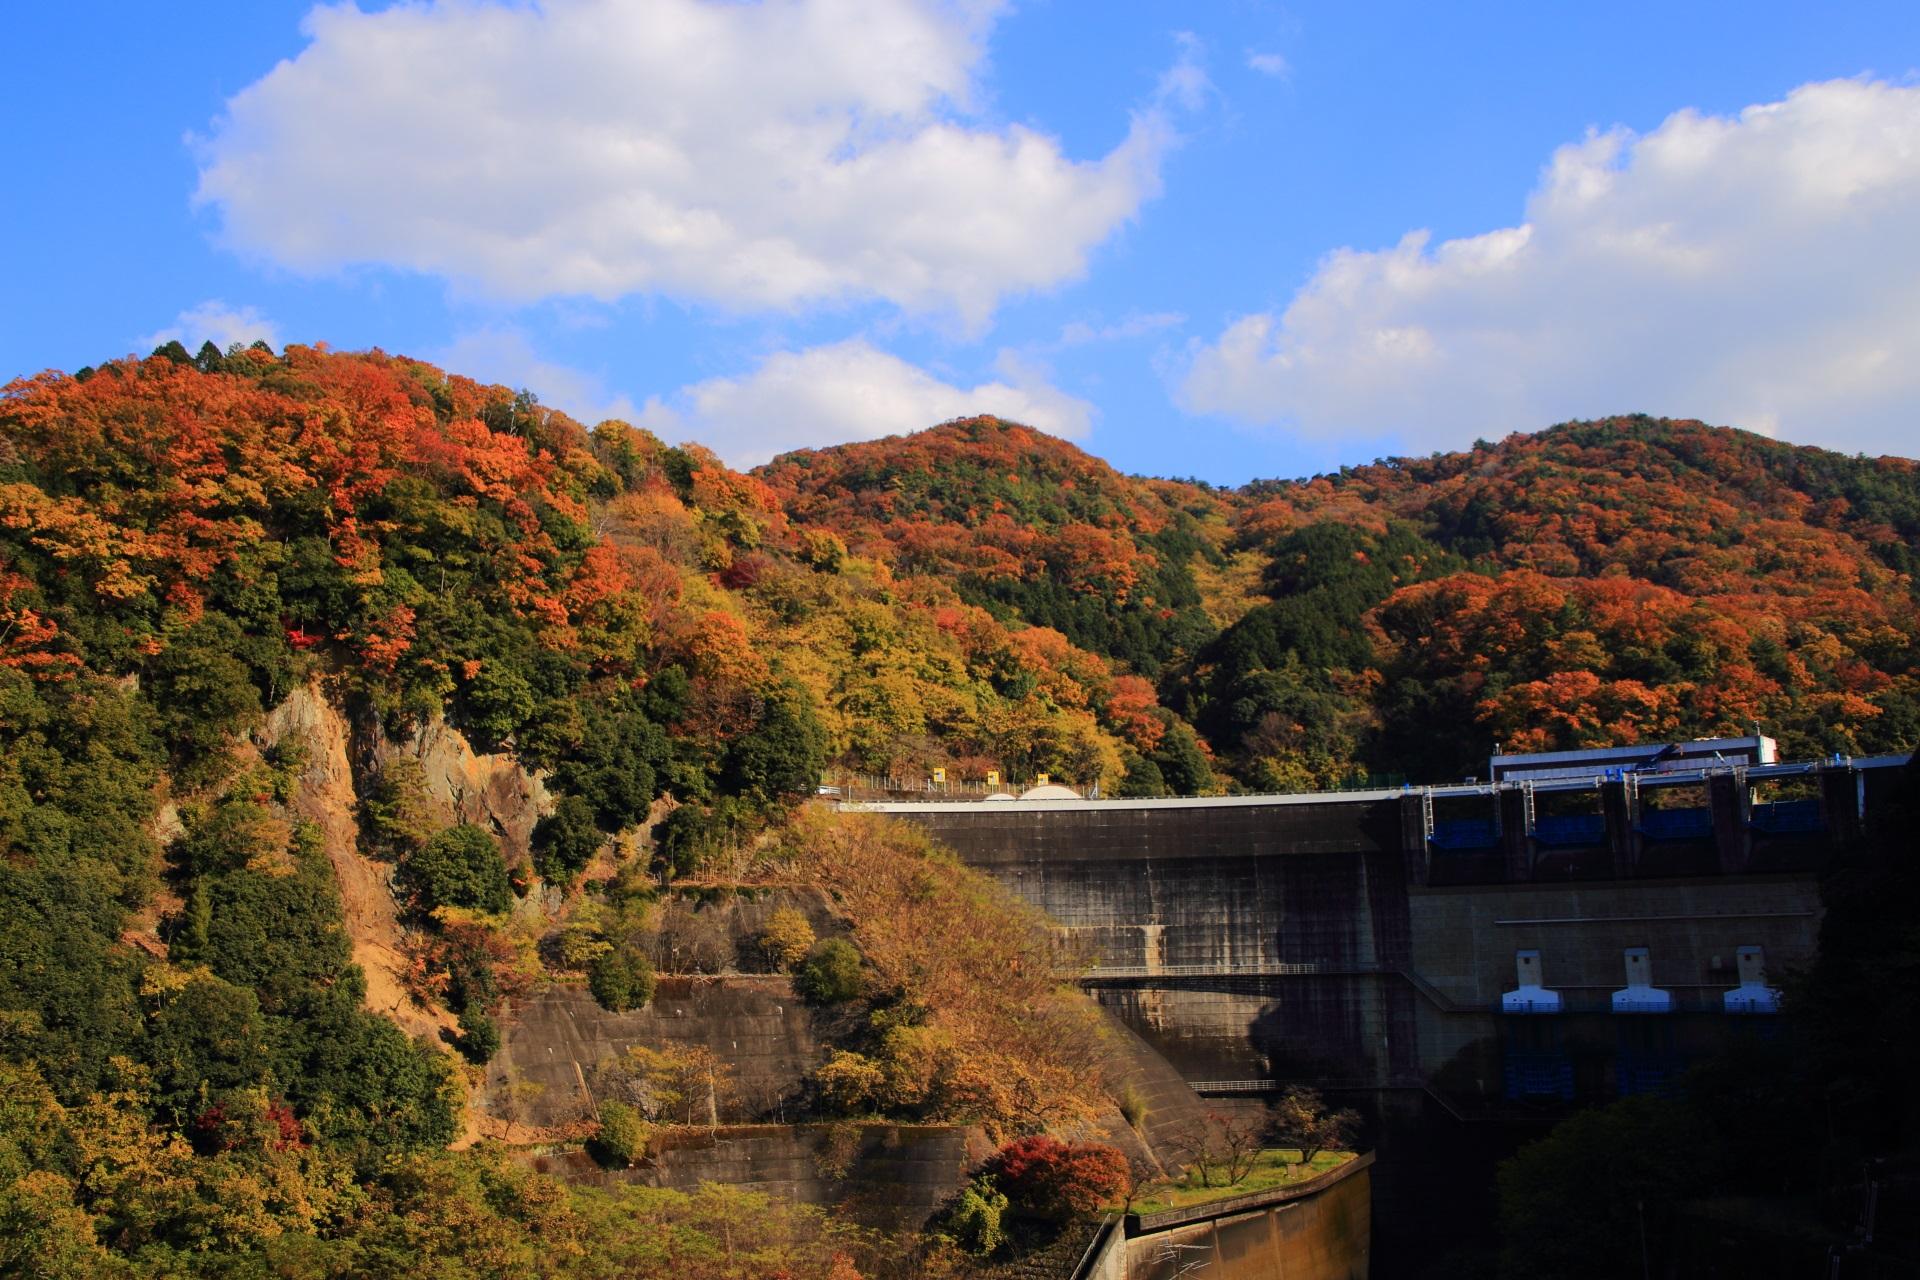 天ヶ瀬ダムの後ろにそびえる秋色の山々